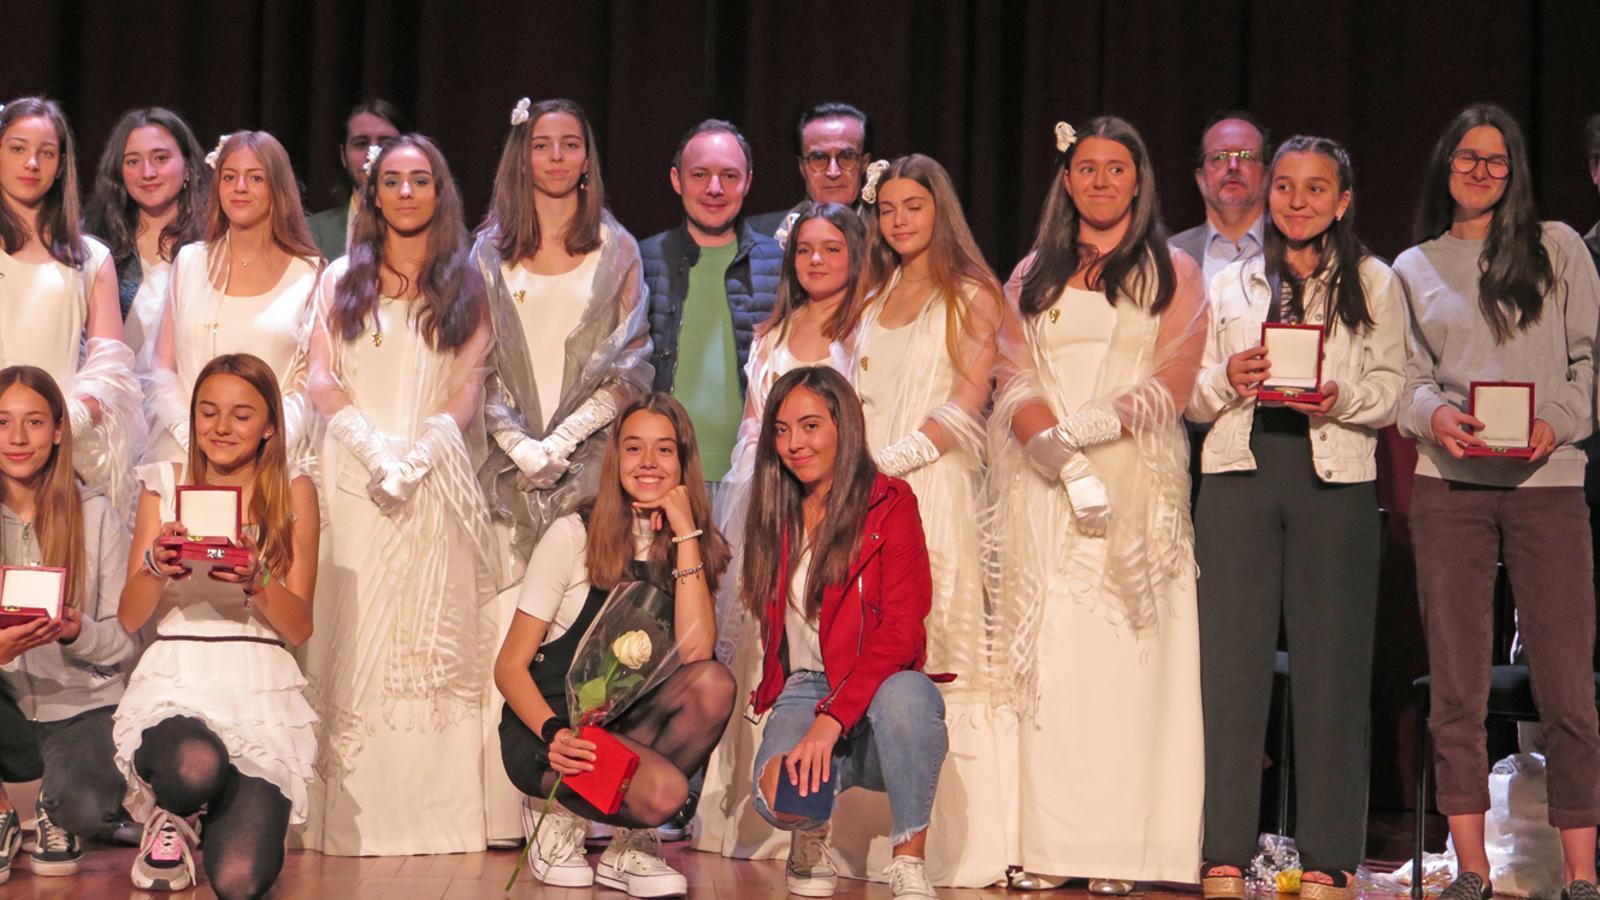 El cap de Govern, Xavier Espot, amb la reina i les damisel·les d'honor, guardonats i organitzadors dels Jocs Florals d'Andorra. / J. B.